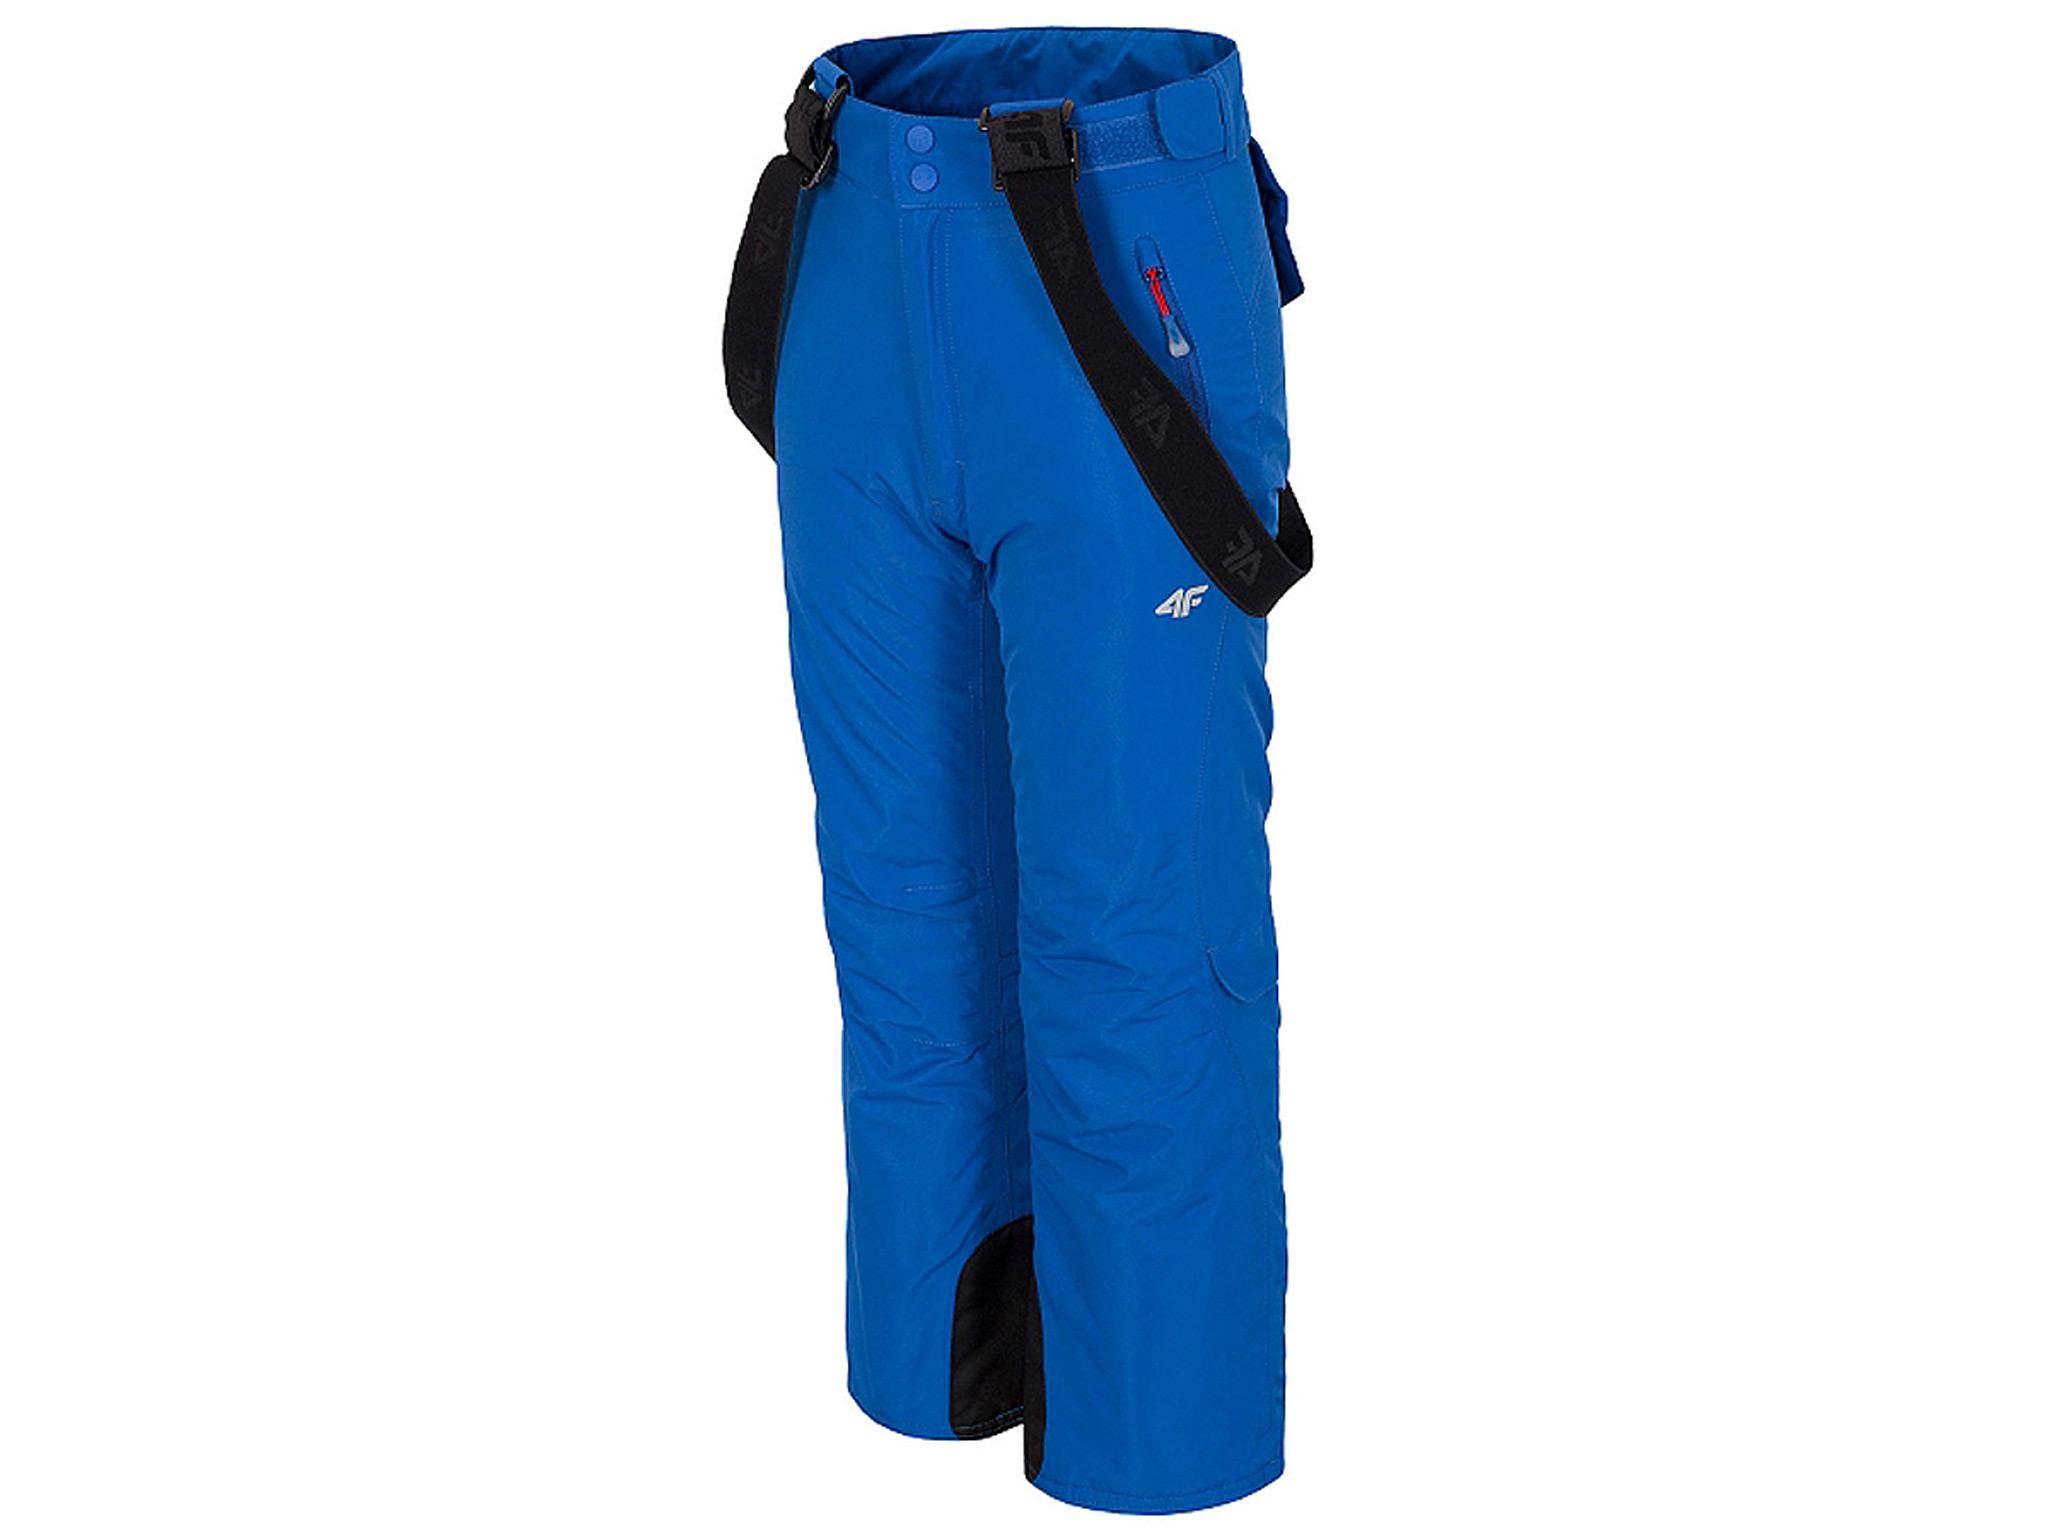 3e6ce28a9d 4F Spodnie narciarskie dla dzieci JSPMN400 -158cm - 7205270197 ...